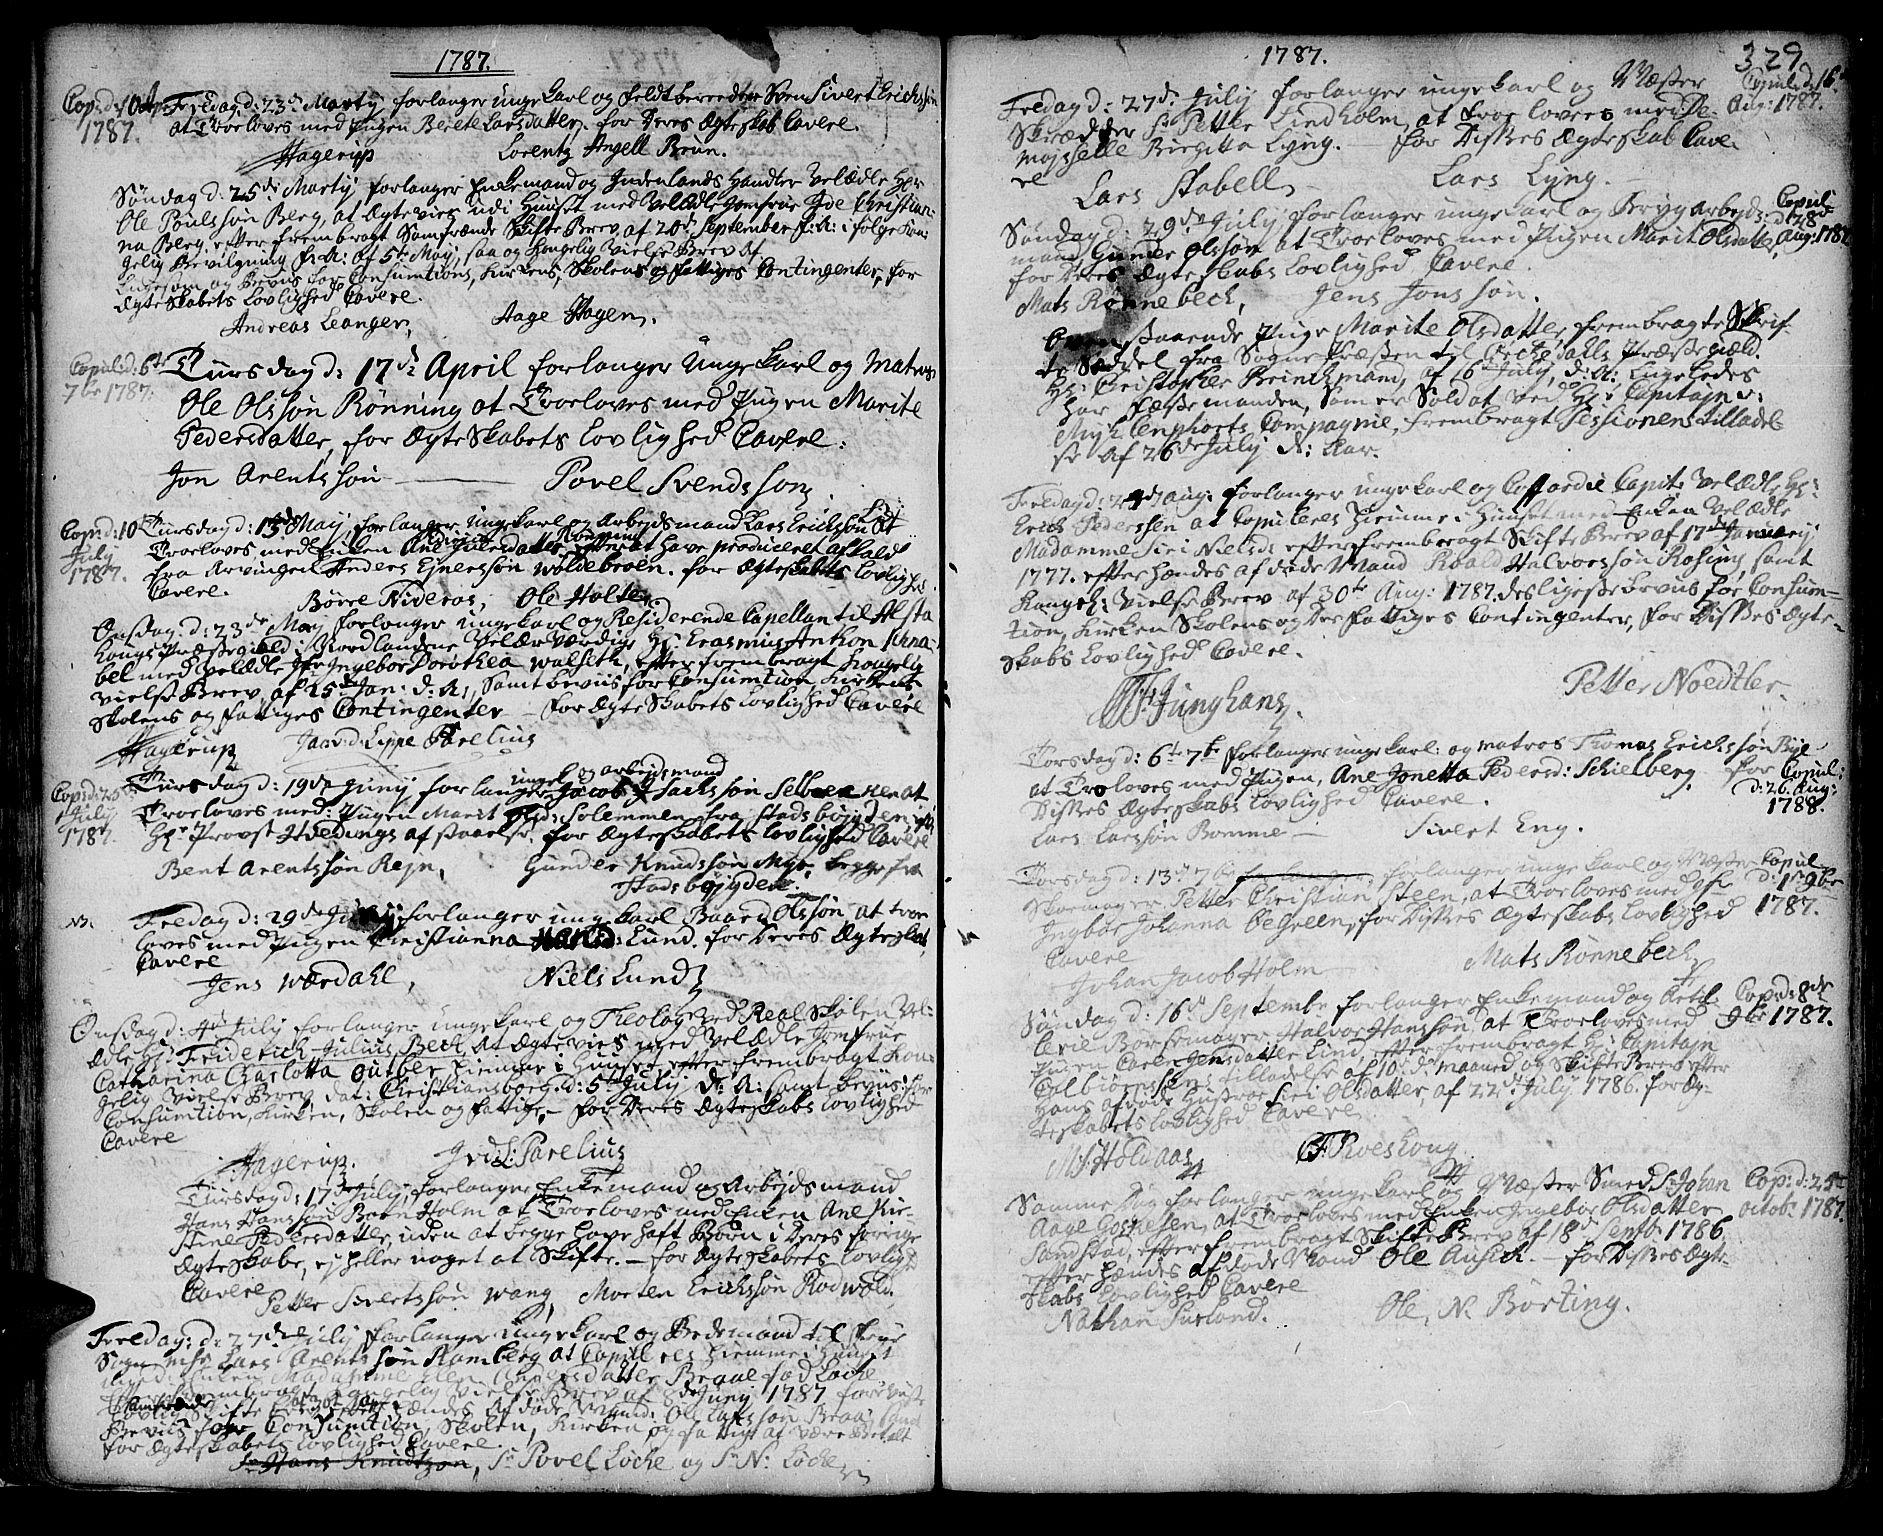 SAT, Ministerialprotokoller, klokkerbøker og fødselsregistre - Sør-Trøndelag, 601/L0038: Ministerialbok nr. 601A06, 1766-1877, s. 329